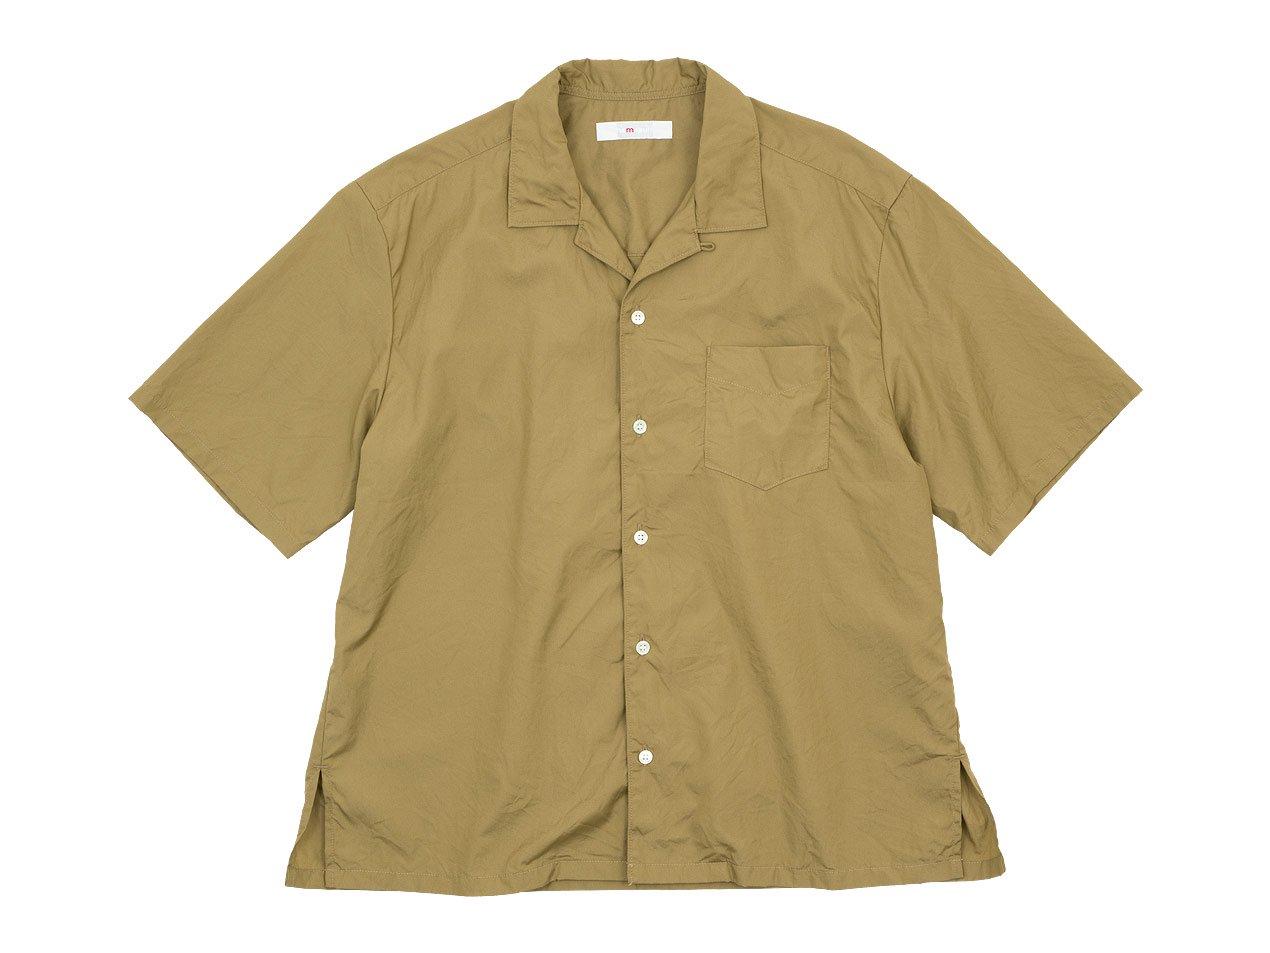 homspun 100/2ブロード オープンカラーシャツ ベージュ